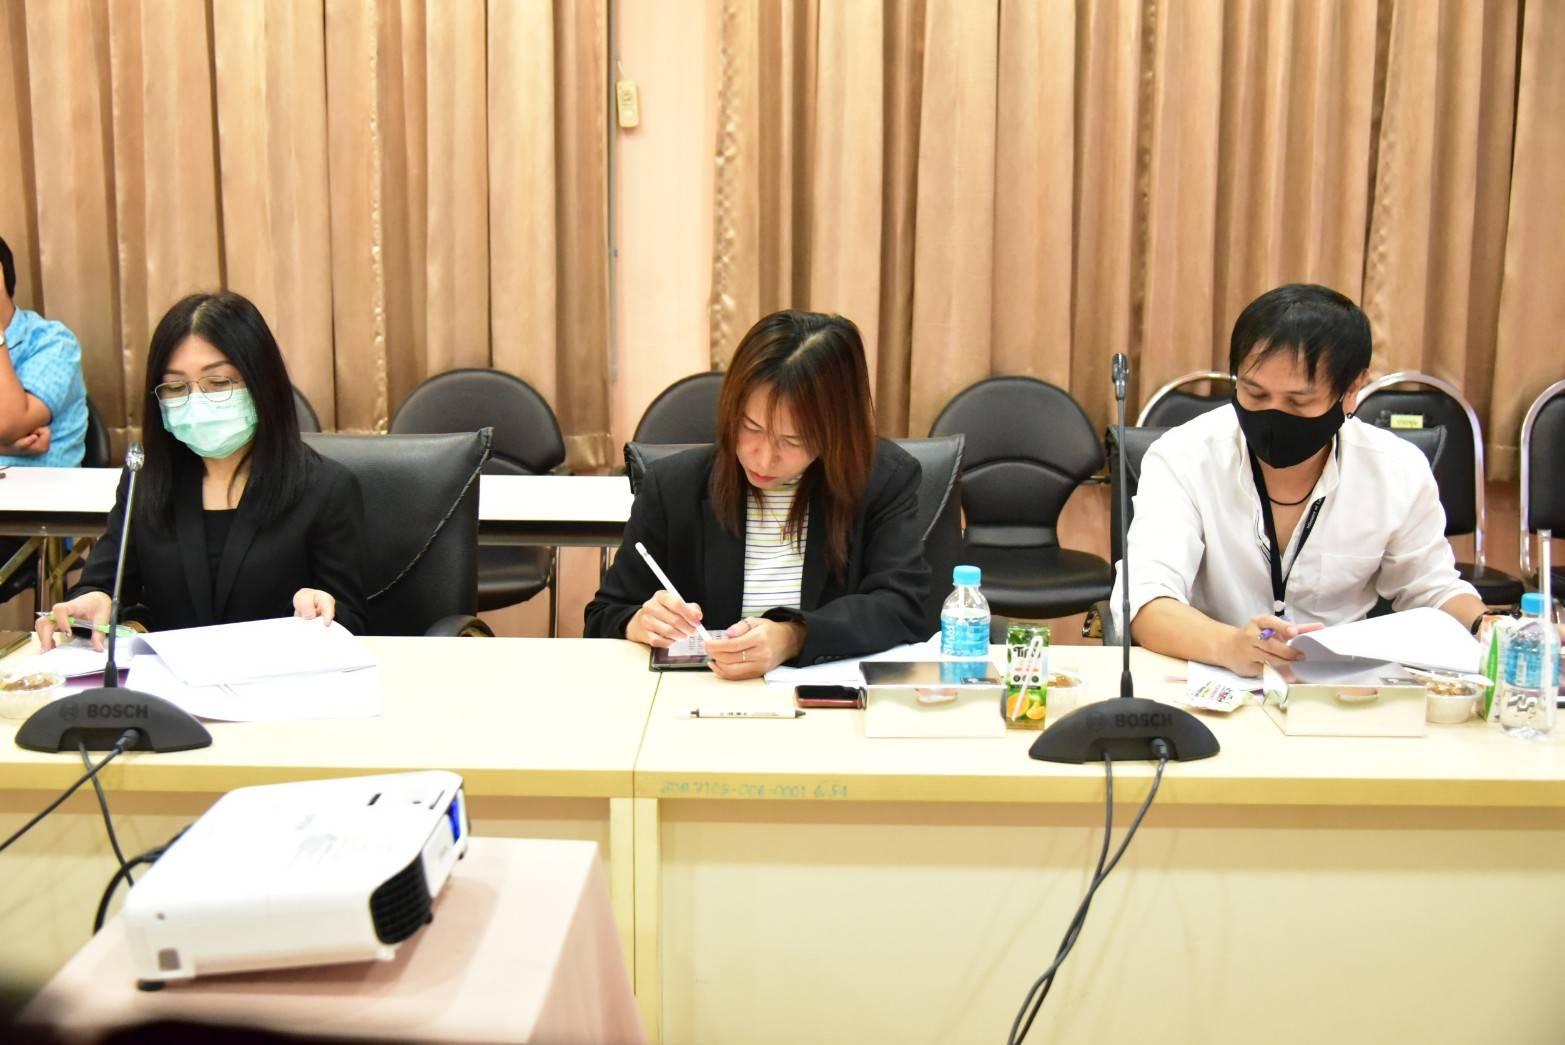 รองอธิบดีกรมการจัดหางาน ประชุมหารือแนวทางการแก้ไขข้อขัดข้องเกี่ยวกับการดำเนินการตามมติคณะรัฐมนตรี เมื่อวันที่ 20 สิงหาคม 2562 และมติคณะรัฐมนตรีเมื่อวันที่ 4 สิงหาคม 2563